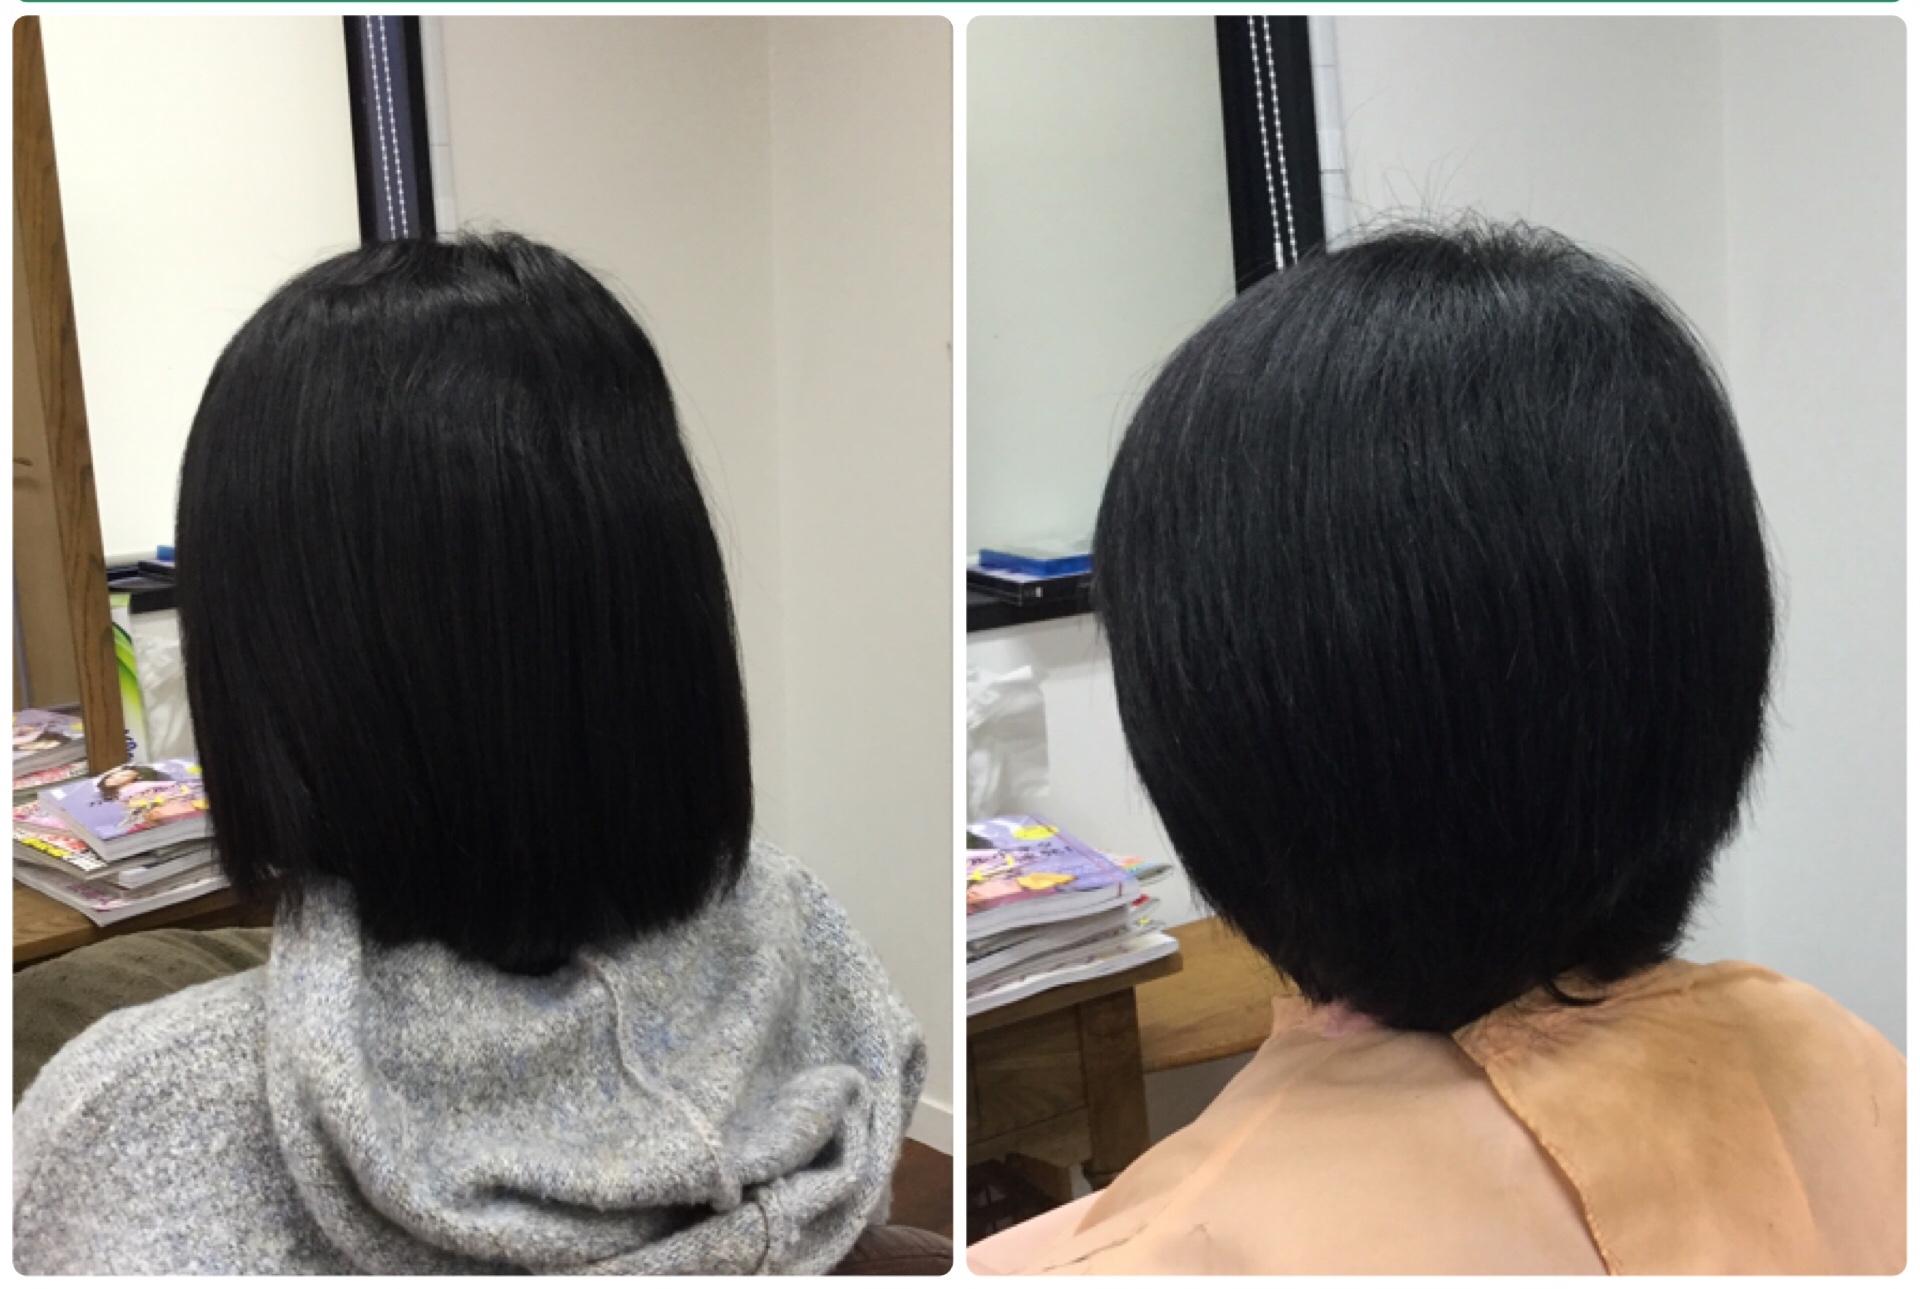 I縮毛矯正に頼らず【くせ毛加齢毛】にソギハサミを使わないカットの神戸東灘区岡本くせ毛専門美容室アバディ